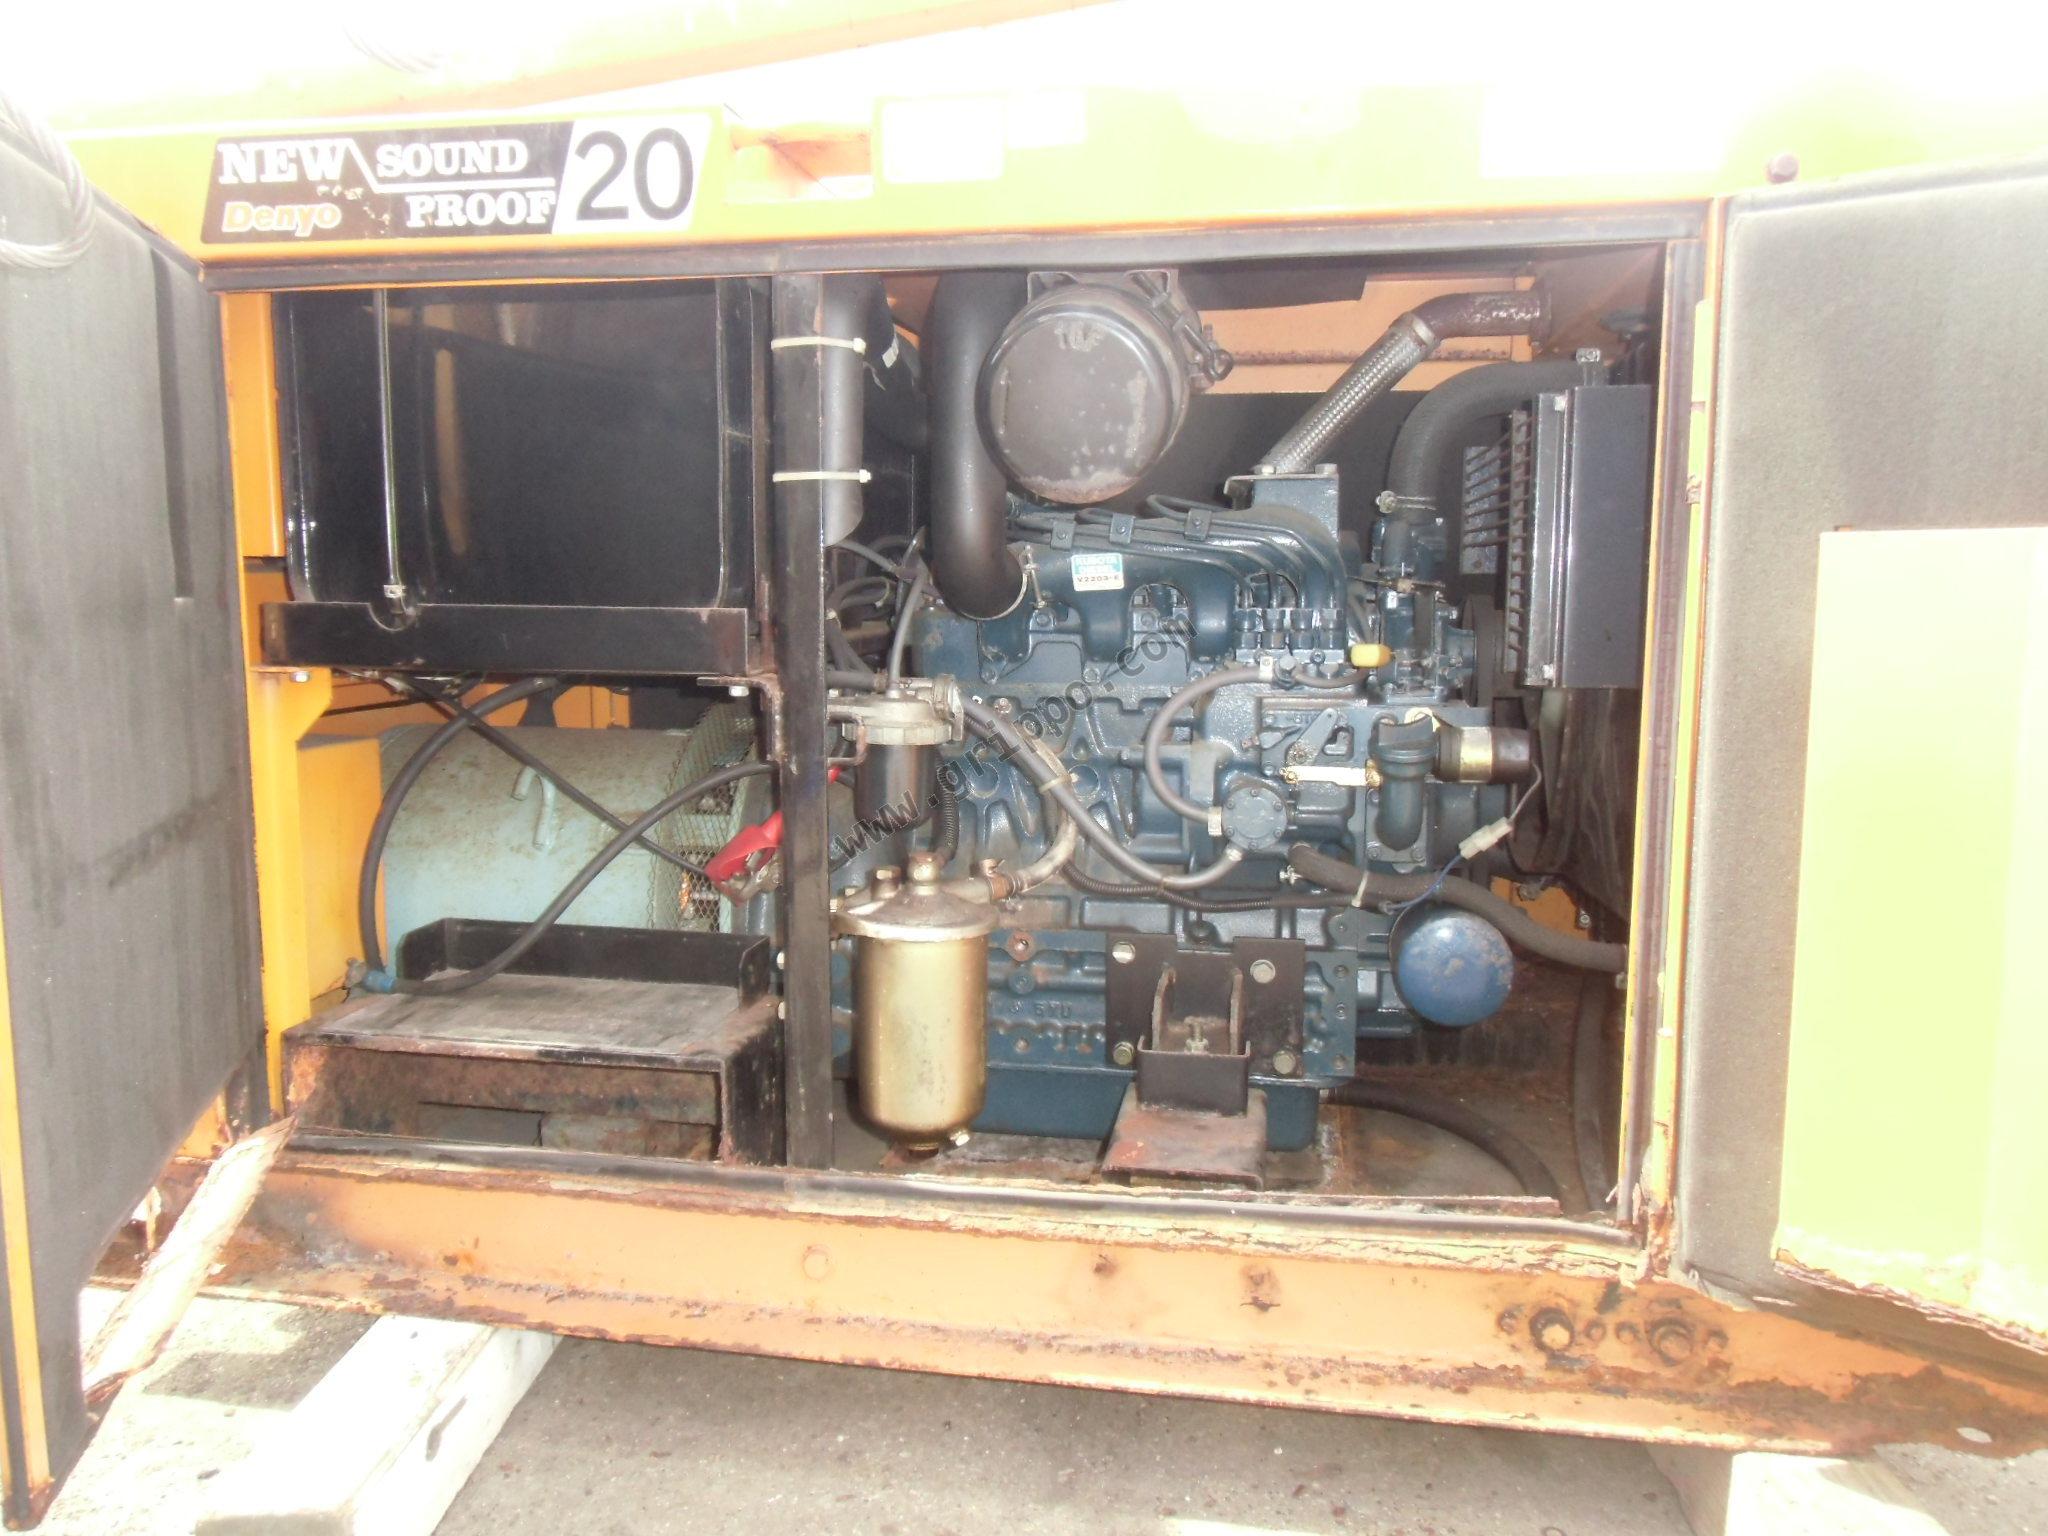 Generador el ctrico usado desde jap n - Precios generadores electricos ...